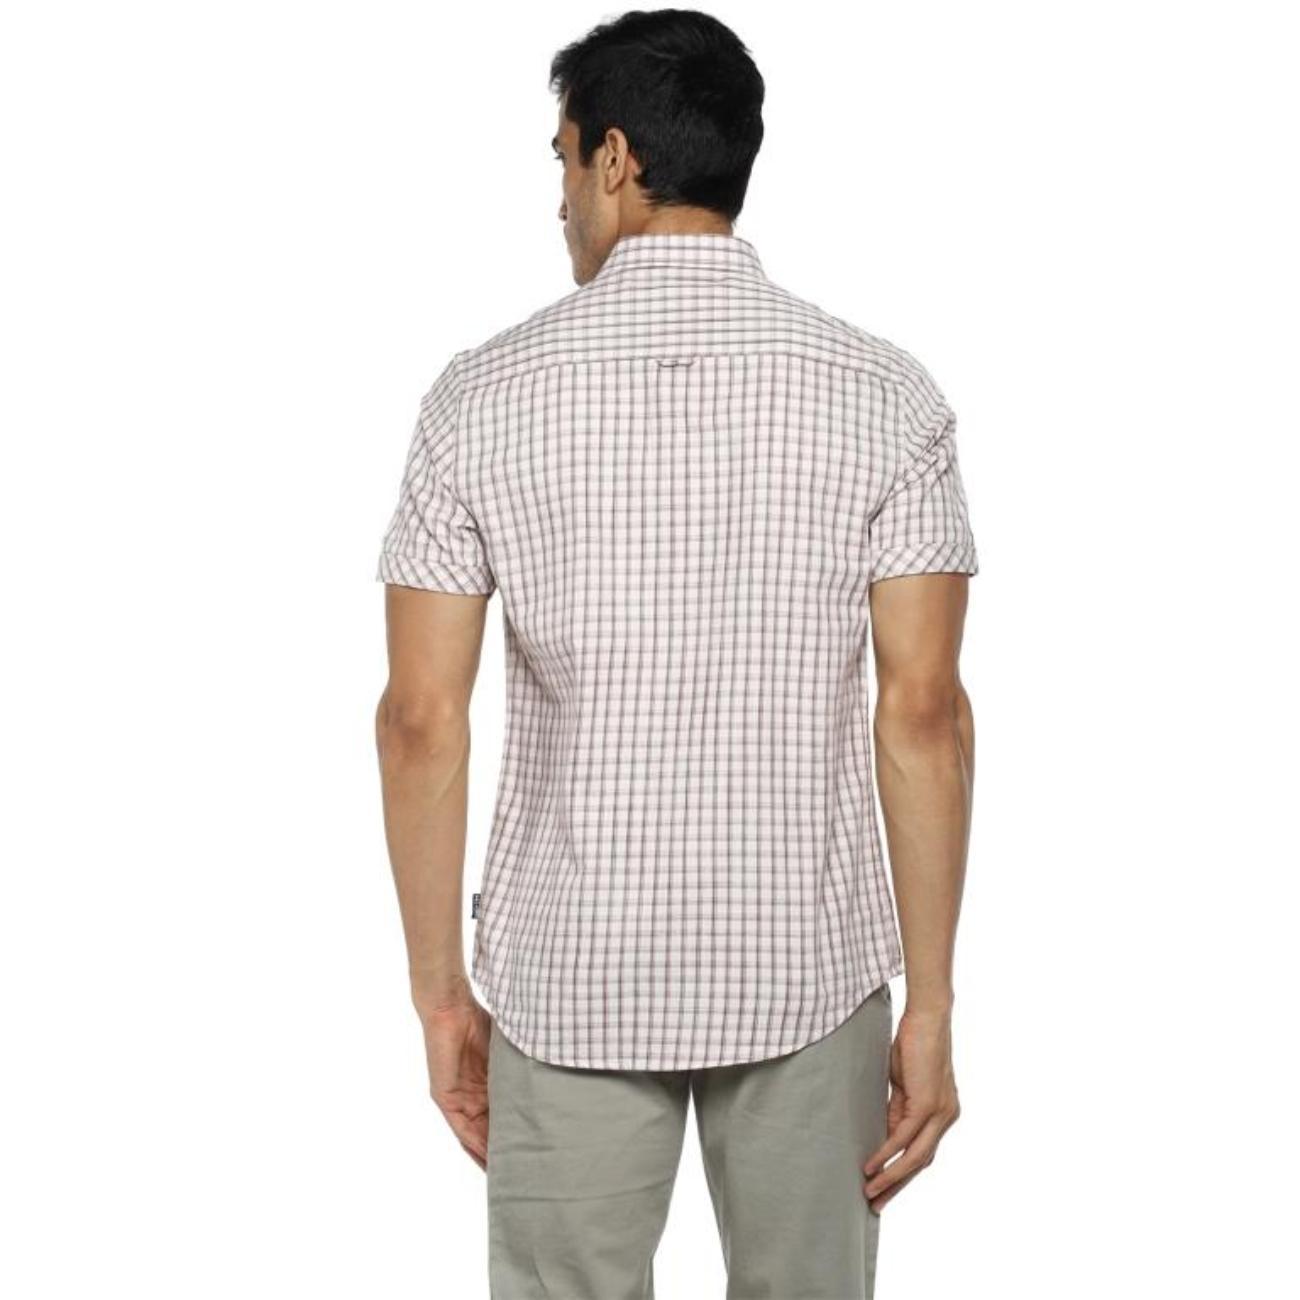 Half Sleeves Shirt for Men